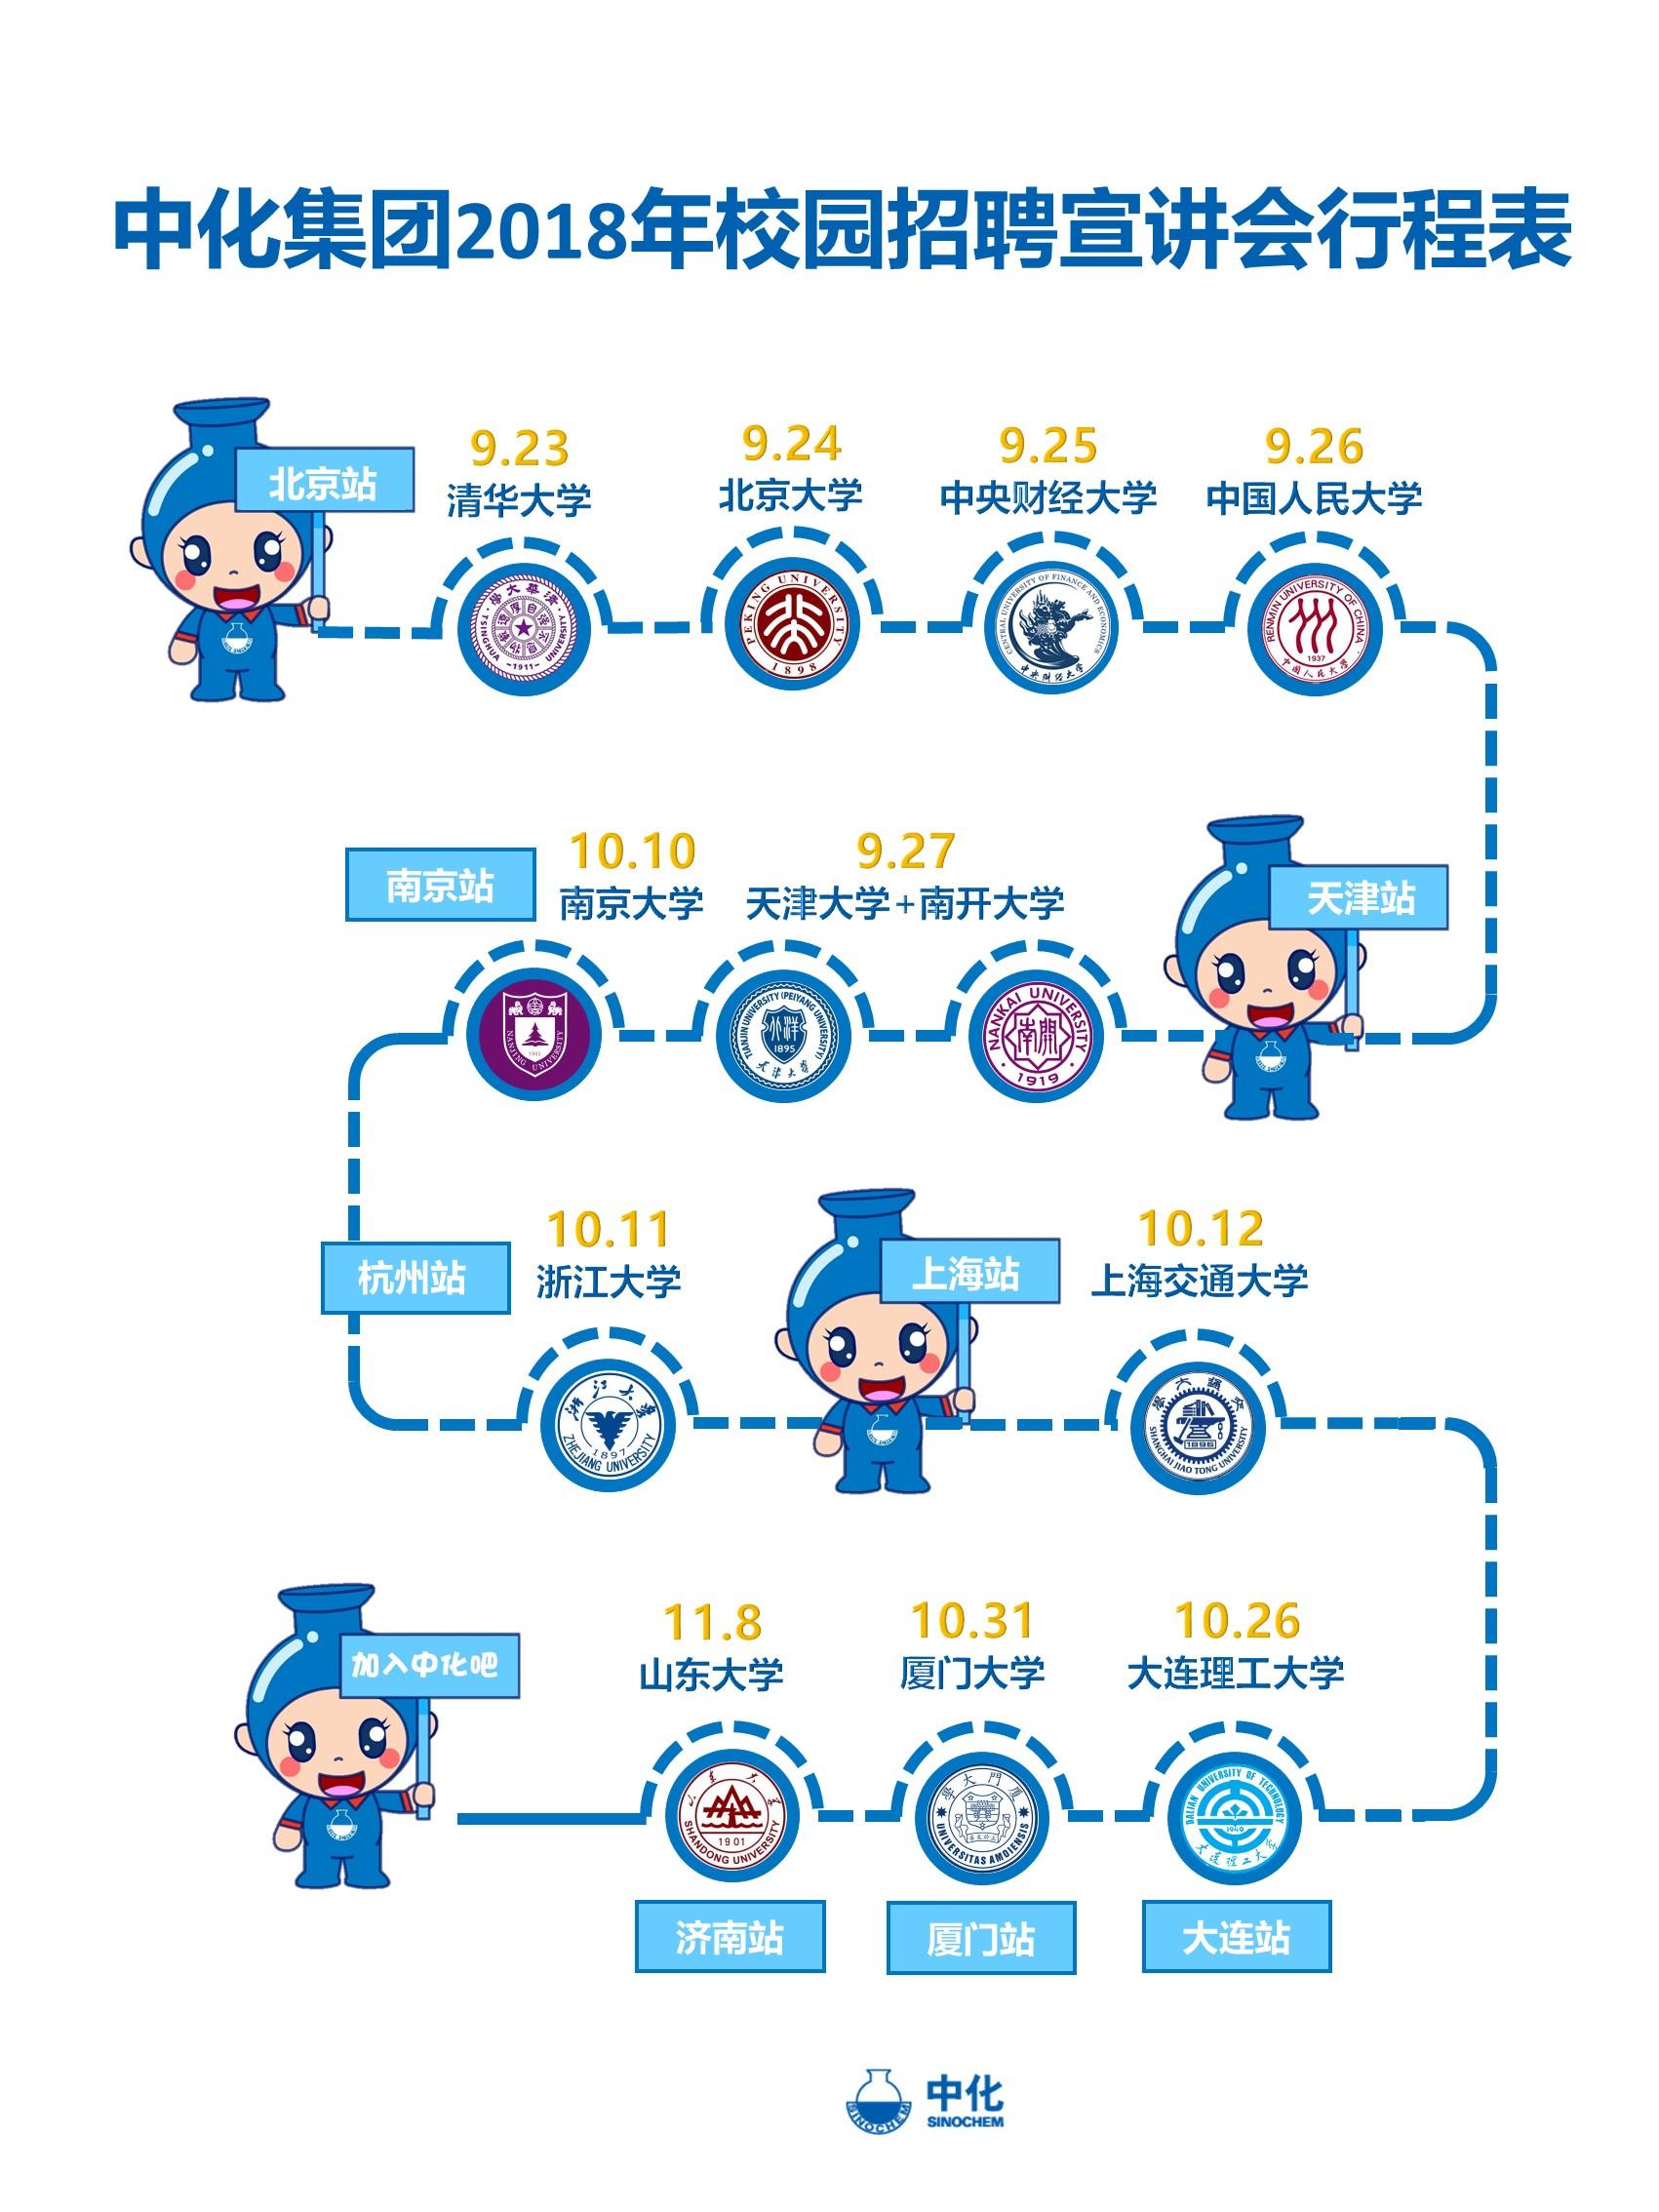 2018中化集团校园招聘宣讲会行程表